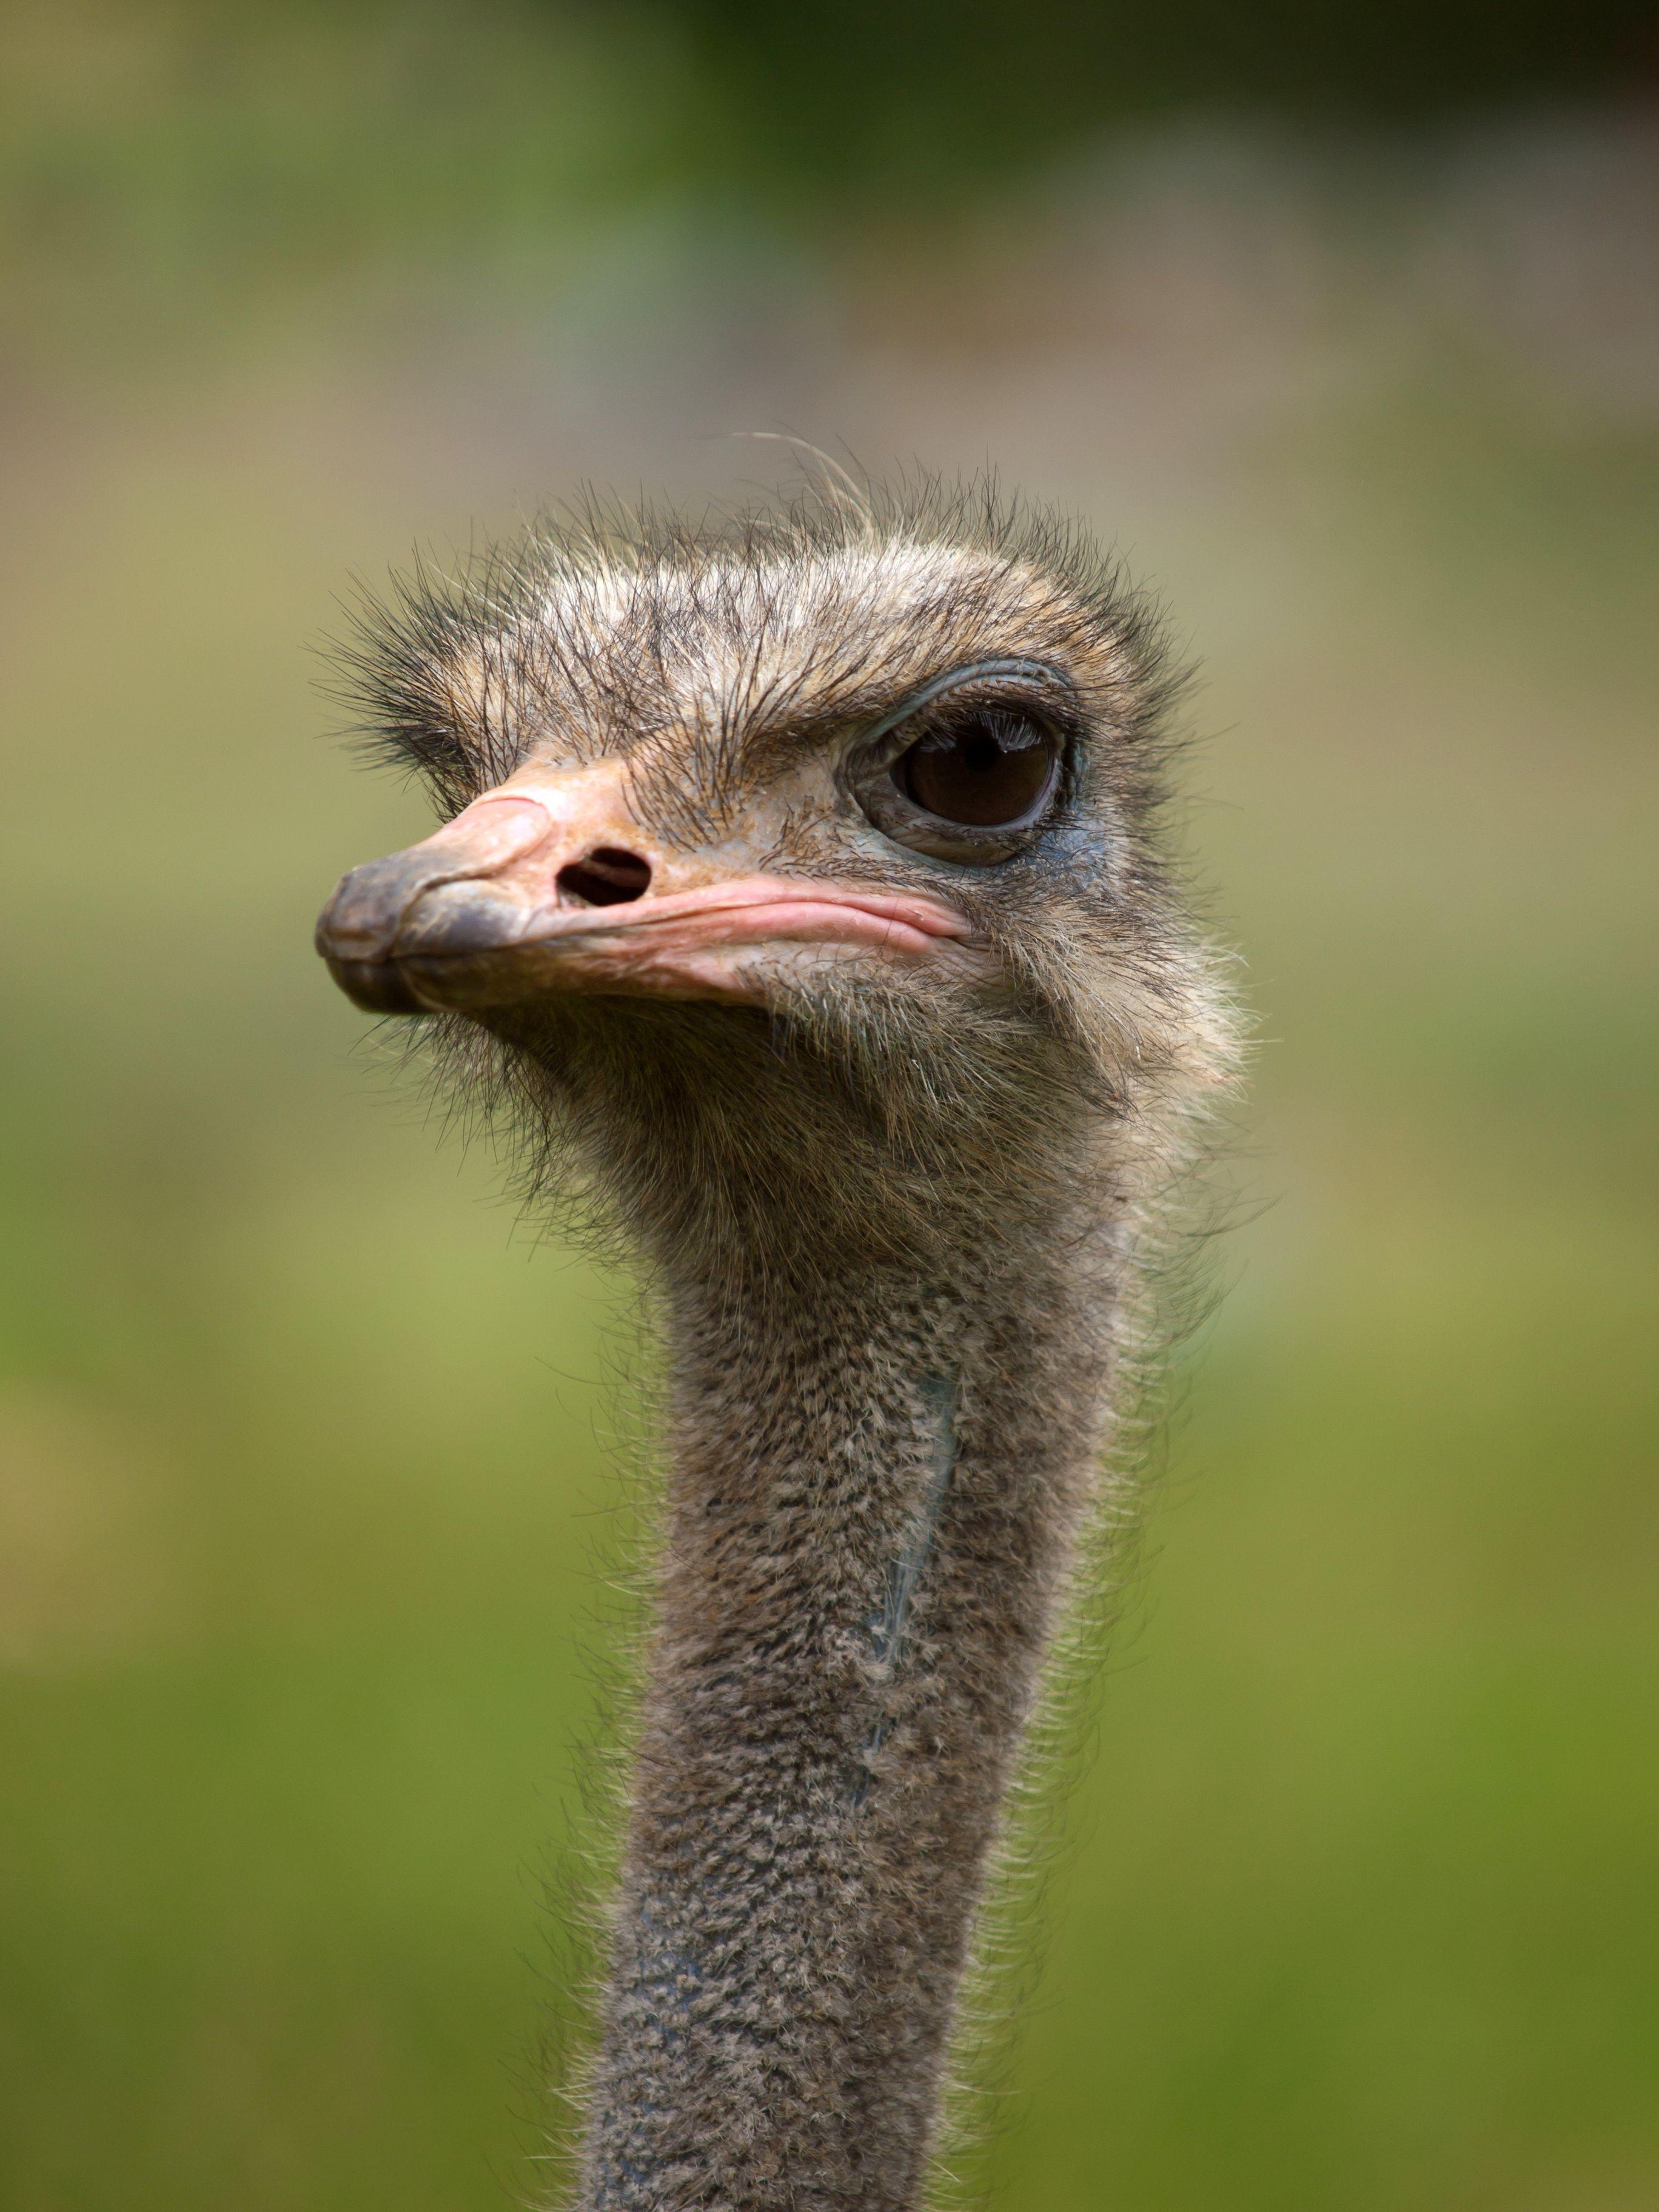 حيوانات المرسال Ostriches-are-large-